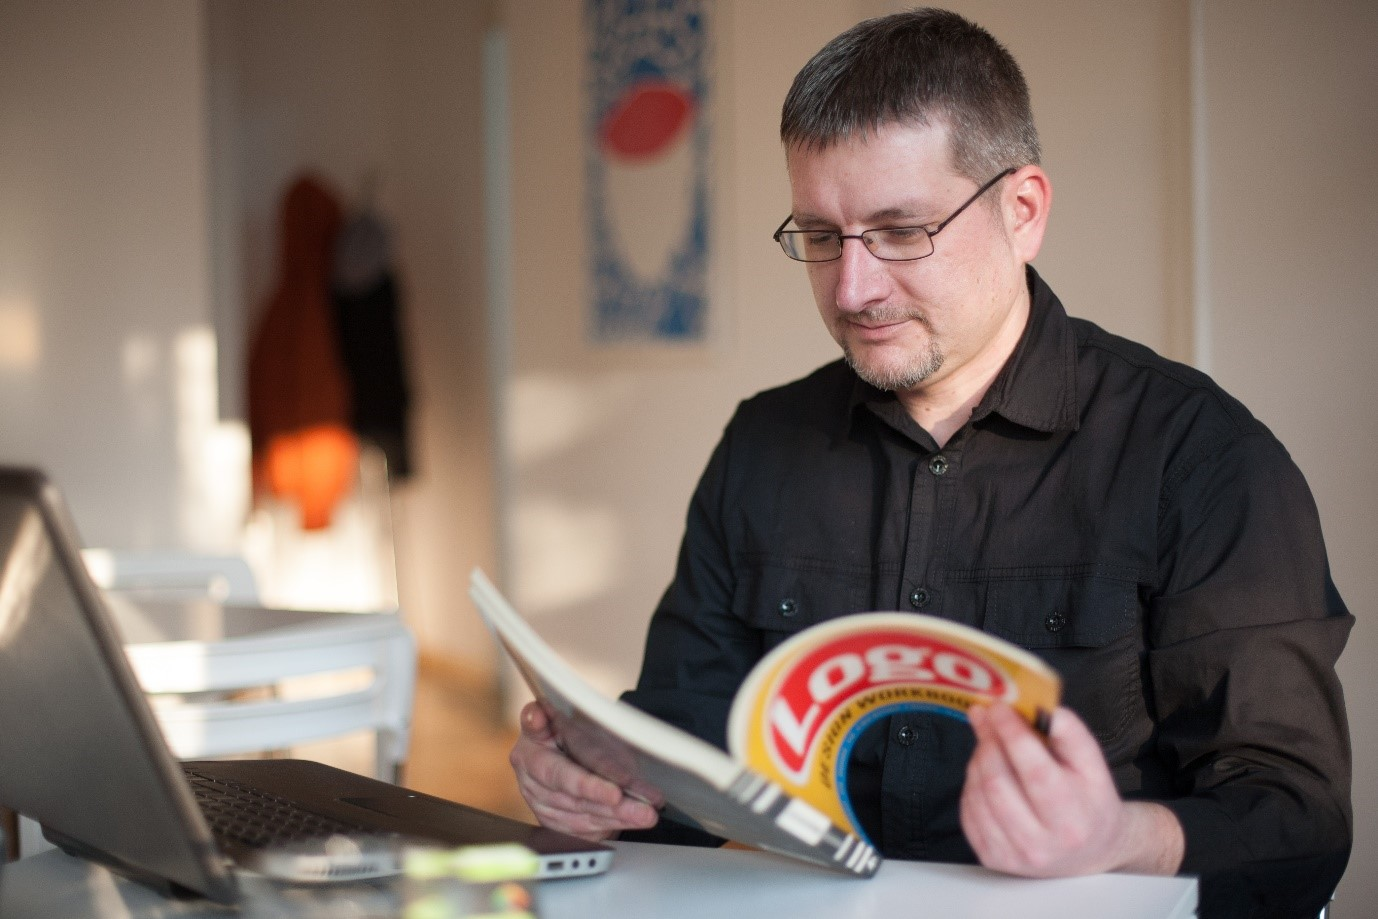 Designer Interview With Bojan Stefanovic - Logoholik